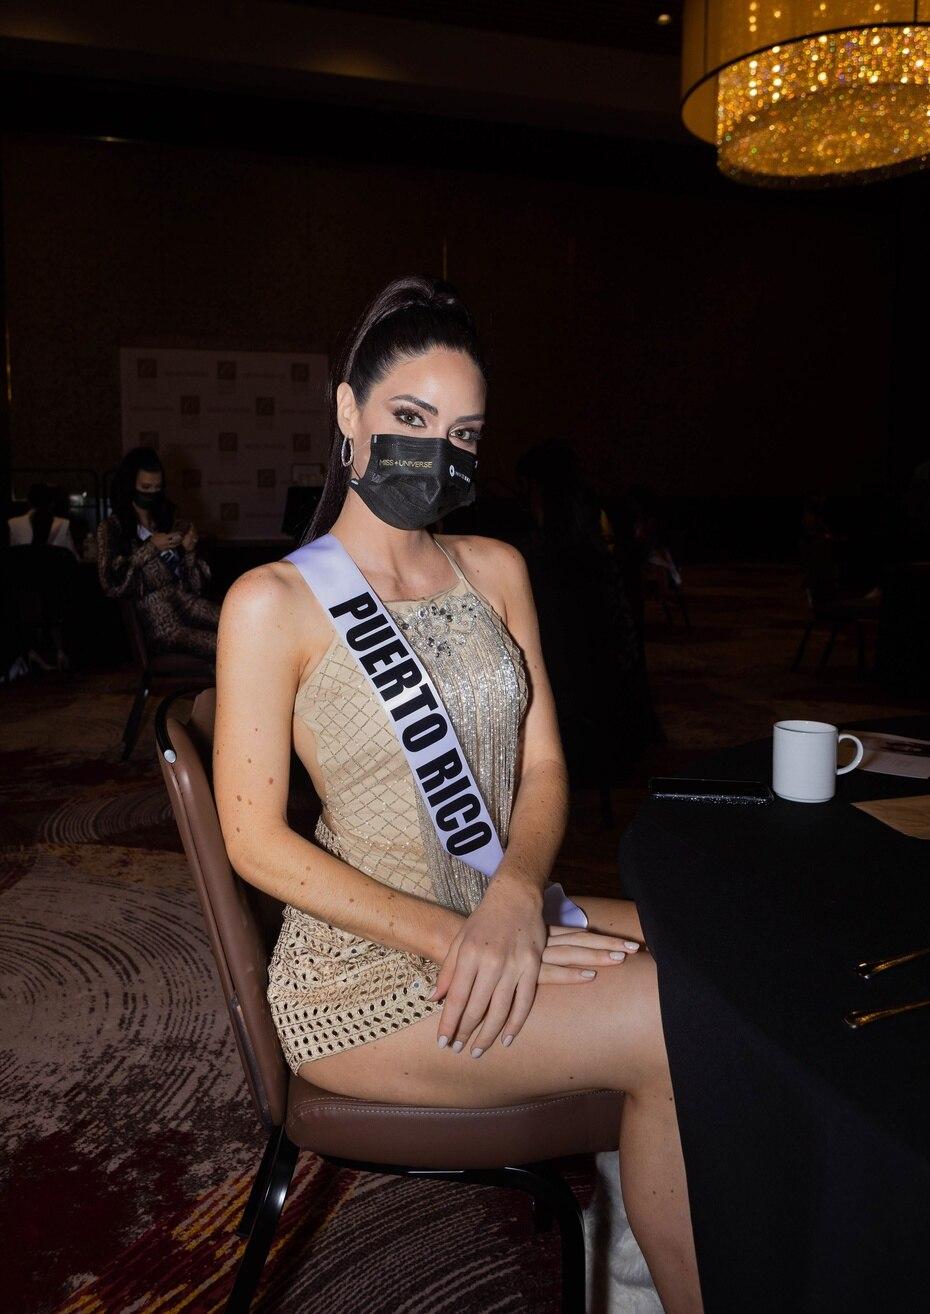 Estefanía Soto tuvo el jueves en la tarde su entrevista con el jurado y según reveló fue una conversación amena y liviana. (Foto: Miss Universe)